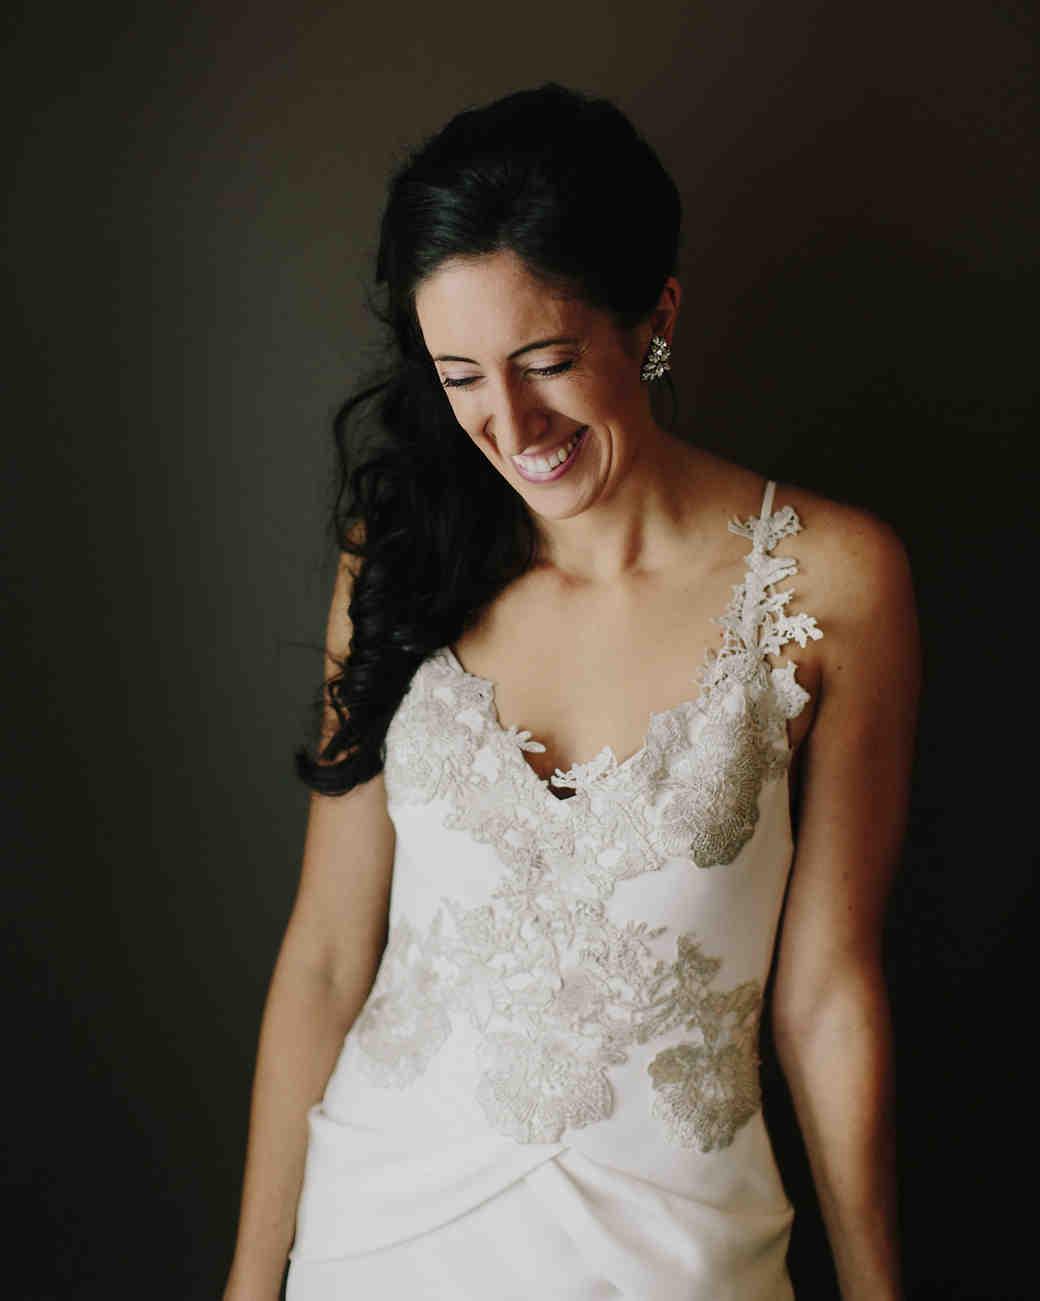 rosie-constantine-wedding-bride-044-s112177-1015.jpg